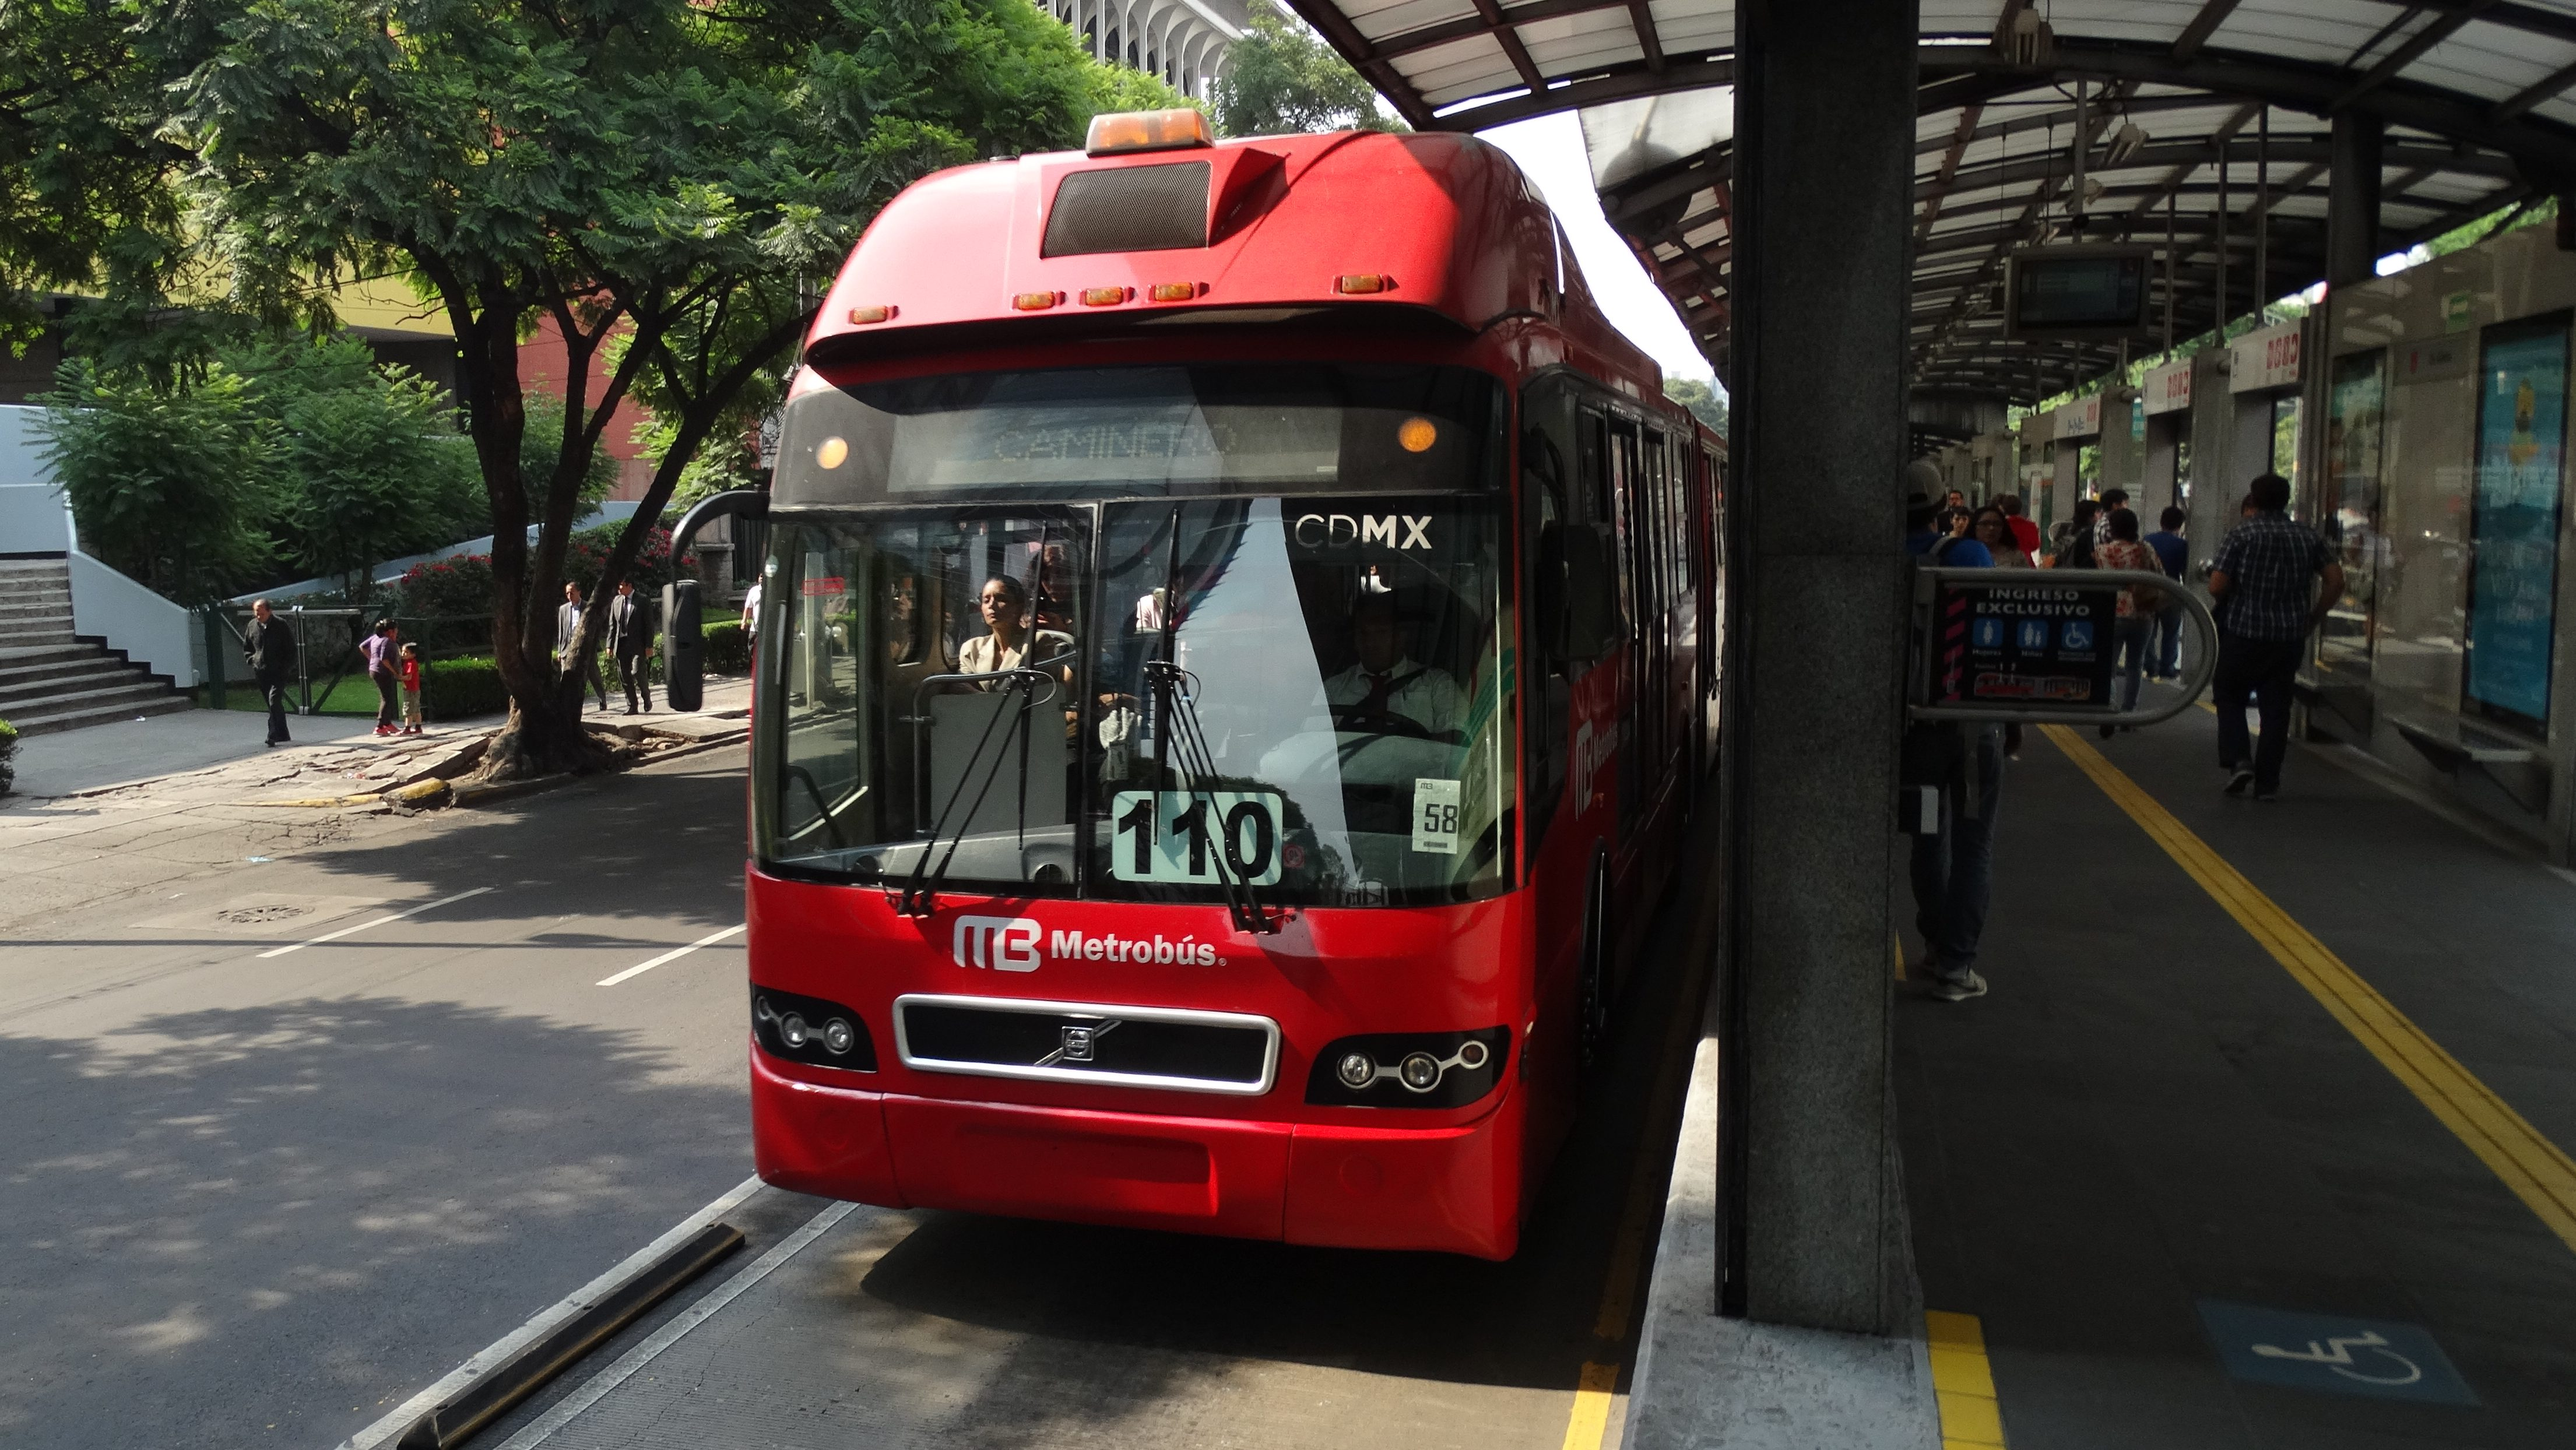 Se restablece servicio en estación de Metrobús tras vandalismo